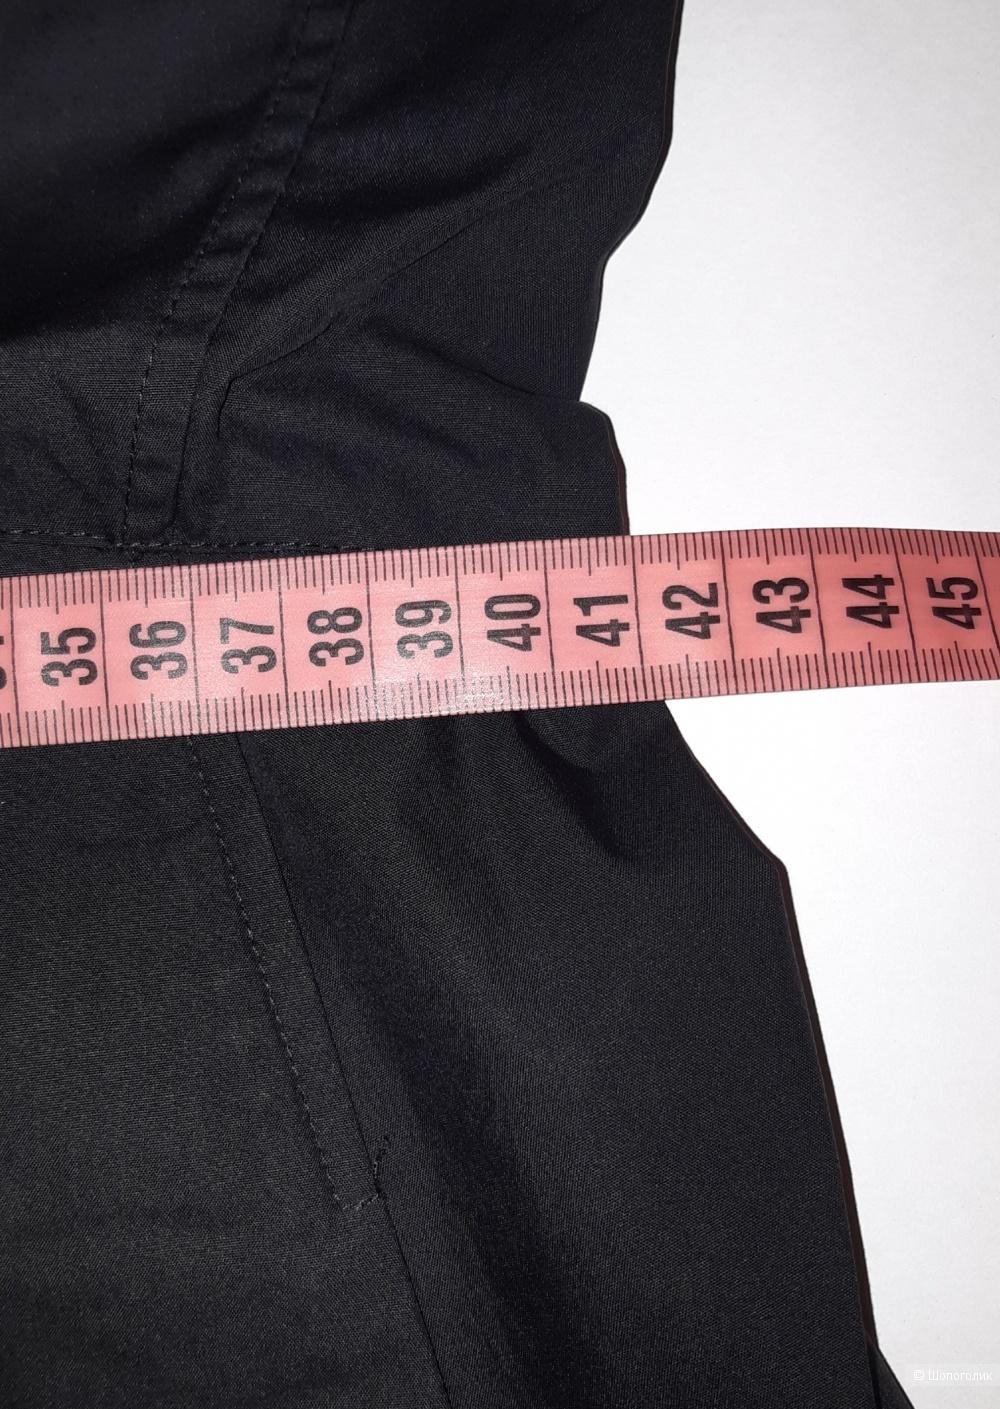 Платье-рубашка cos, размер s